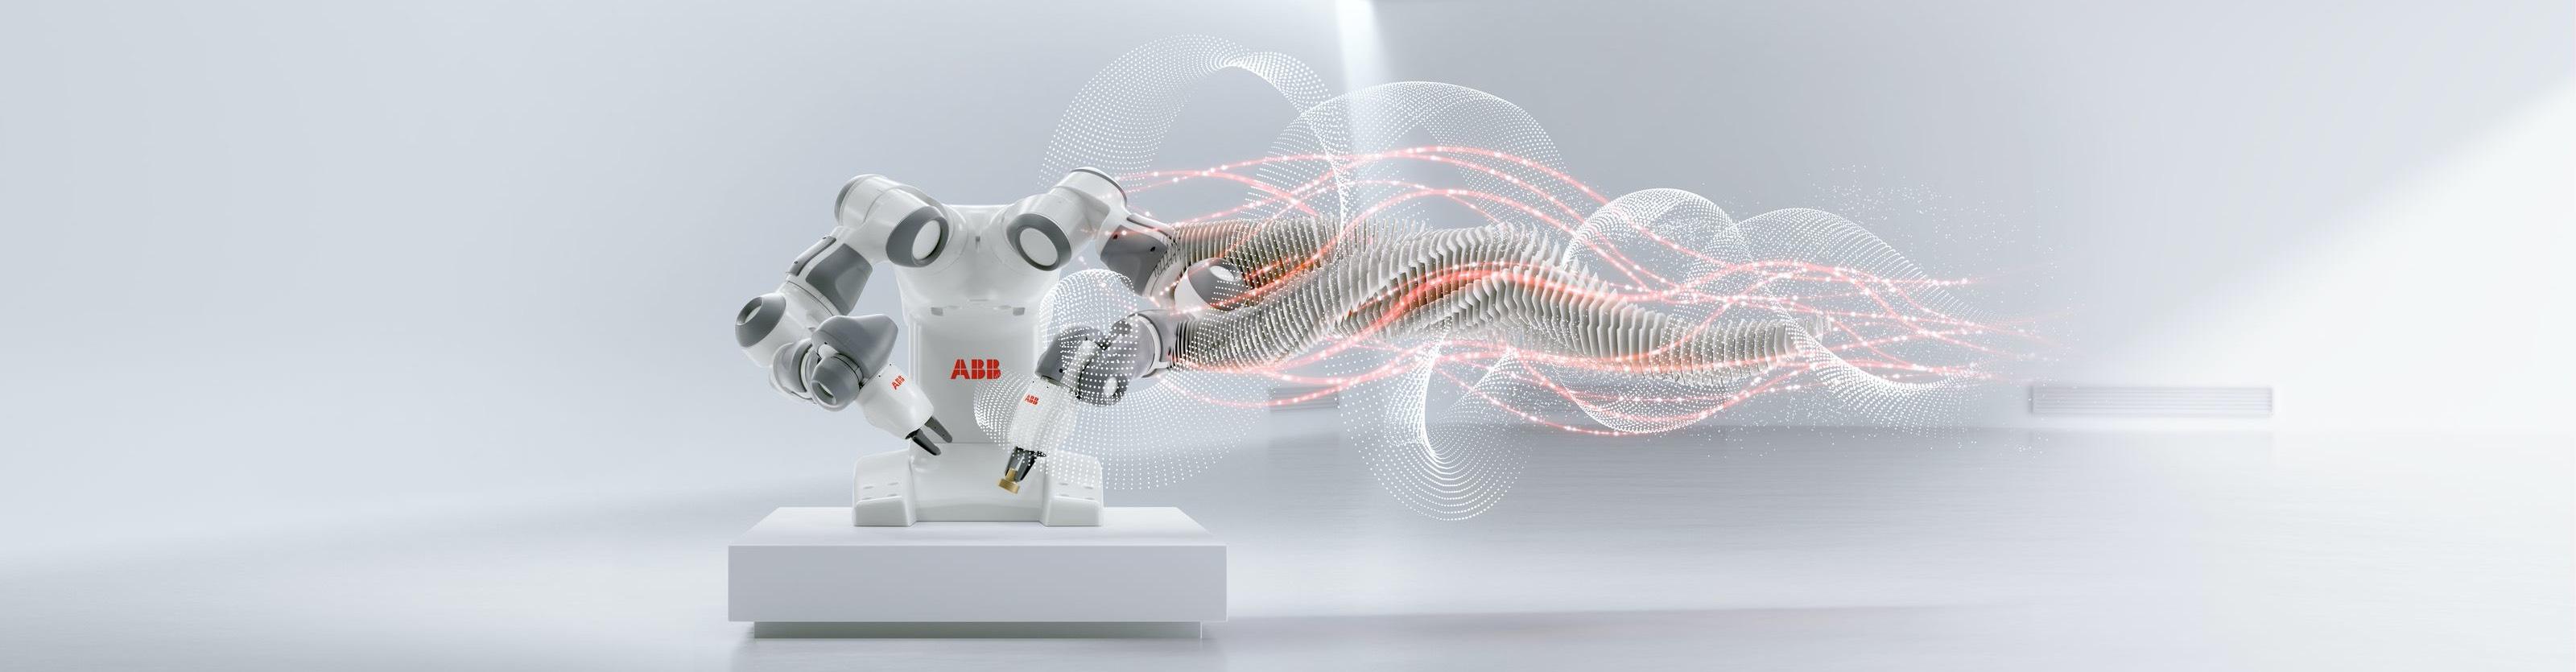 robot képviselő vásárlás)